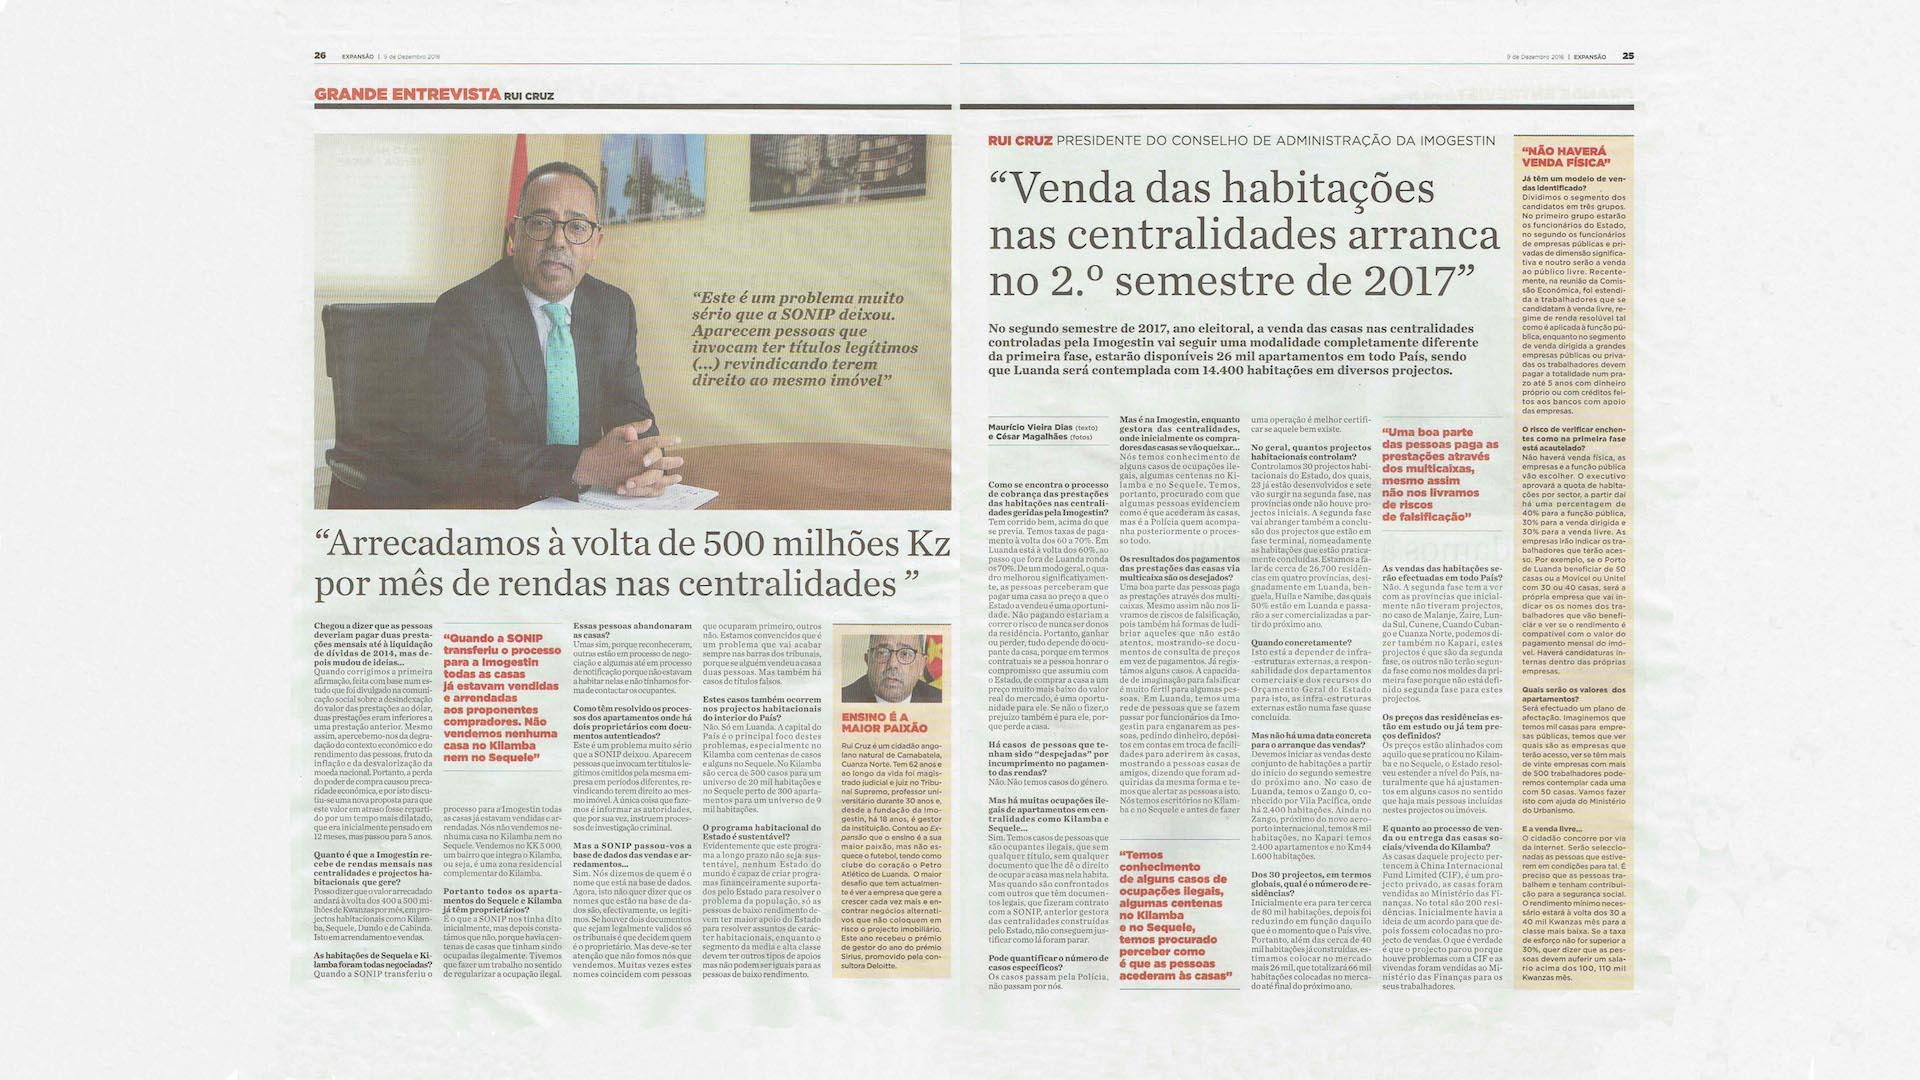 Rui Cruz, PCA da Imogestin falar ao Jornal Expansão sobre a questão das centralidades